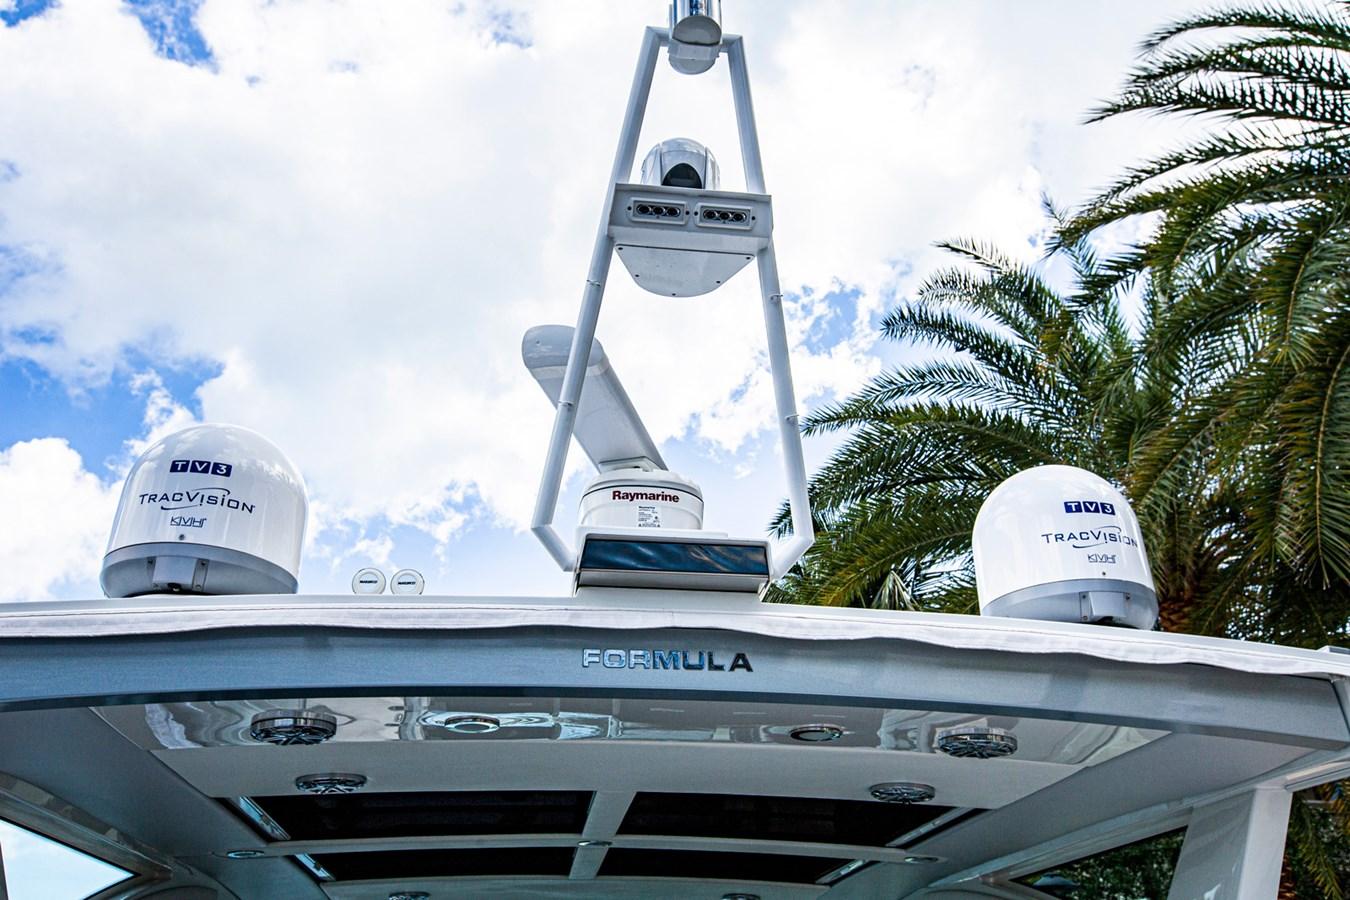 IMG_3955 2018 FORMULA 430 Super Sport Crossover Motor Yacht 2731440